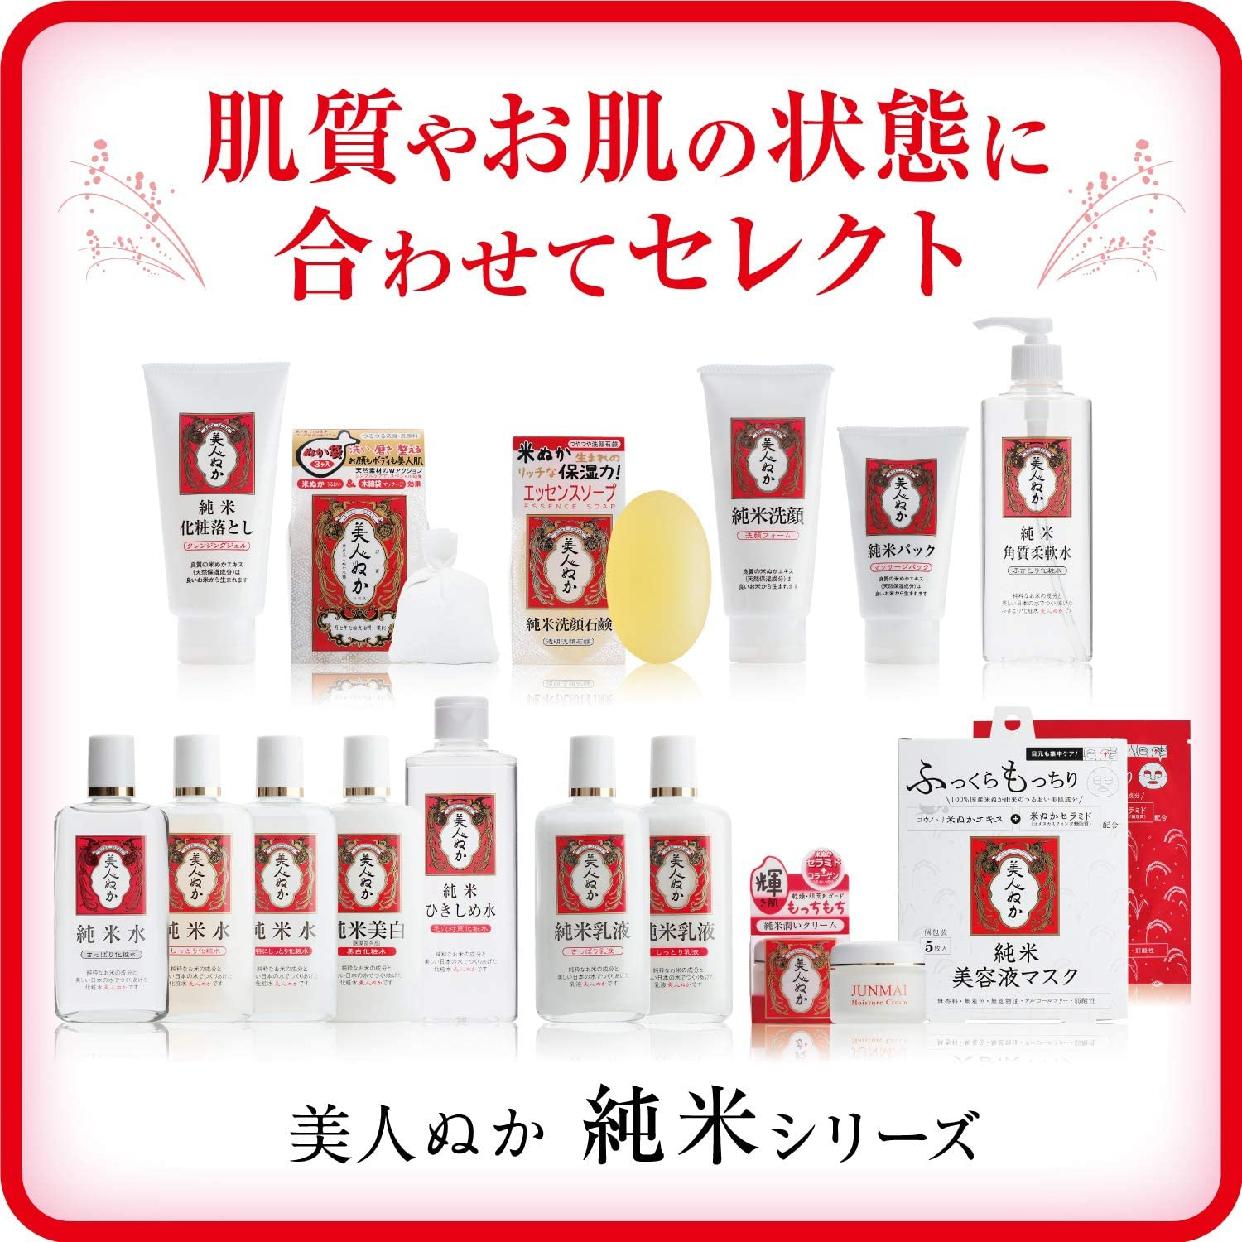 美人ぬか(びじんぬか)純米角質柔軟水の商品画像7